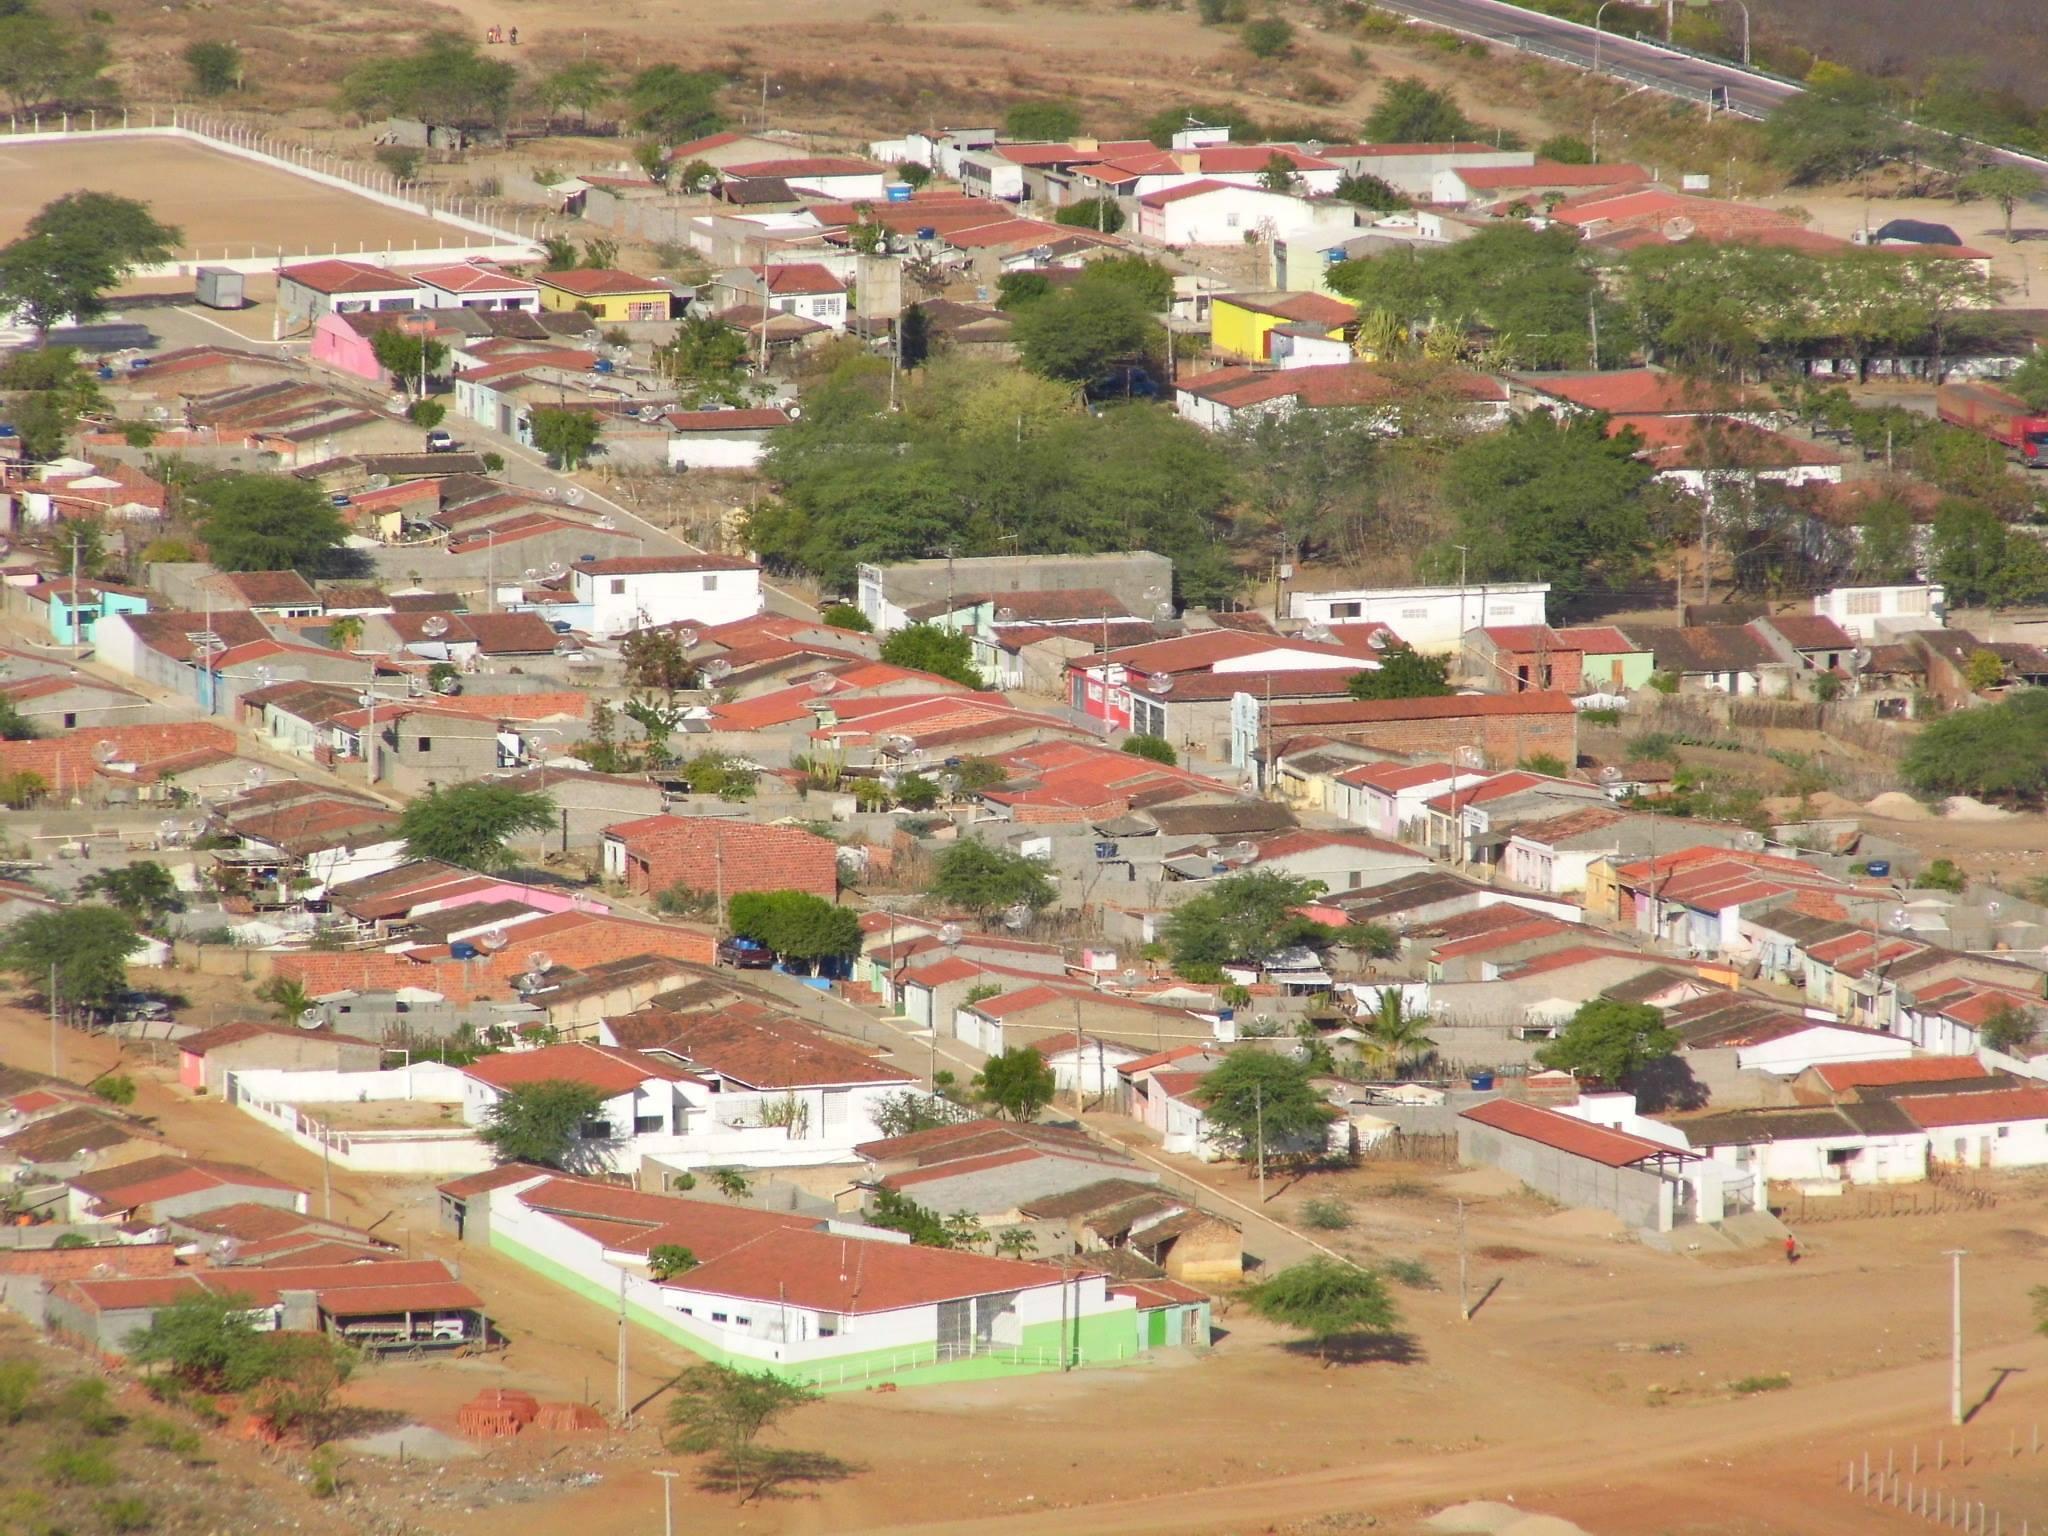 Canapi Alagoas fonte: upload.wikimedia.org